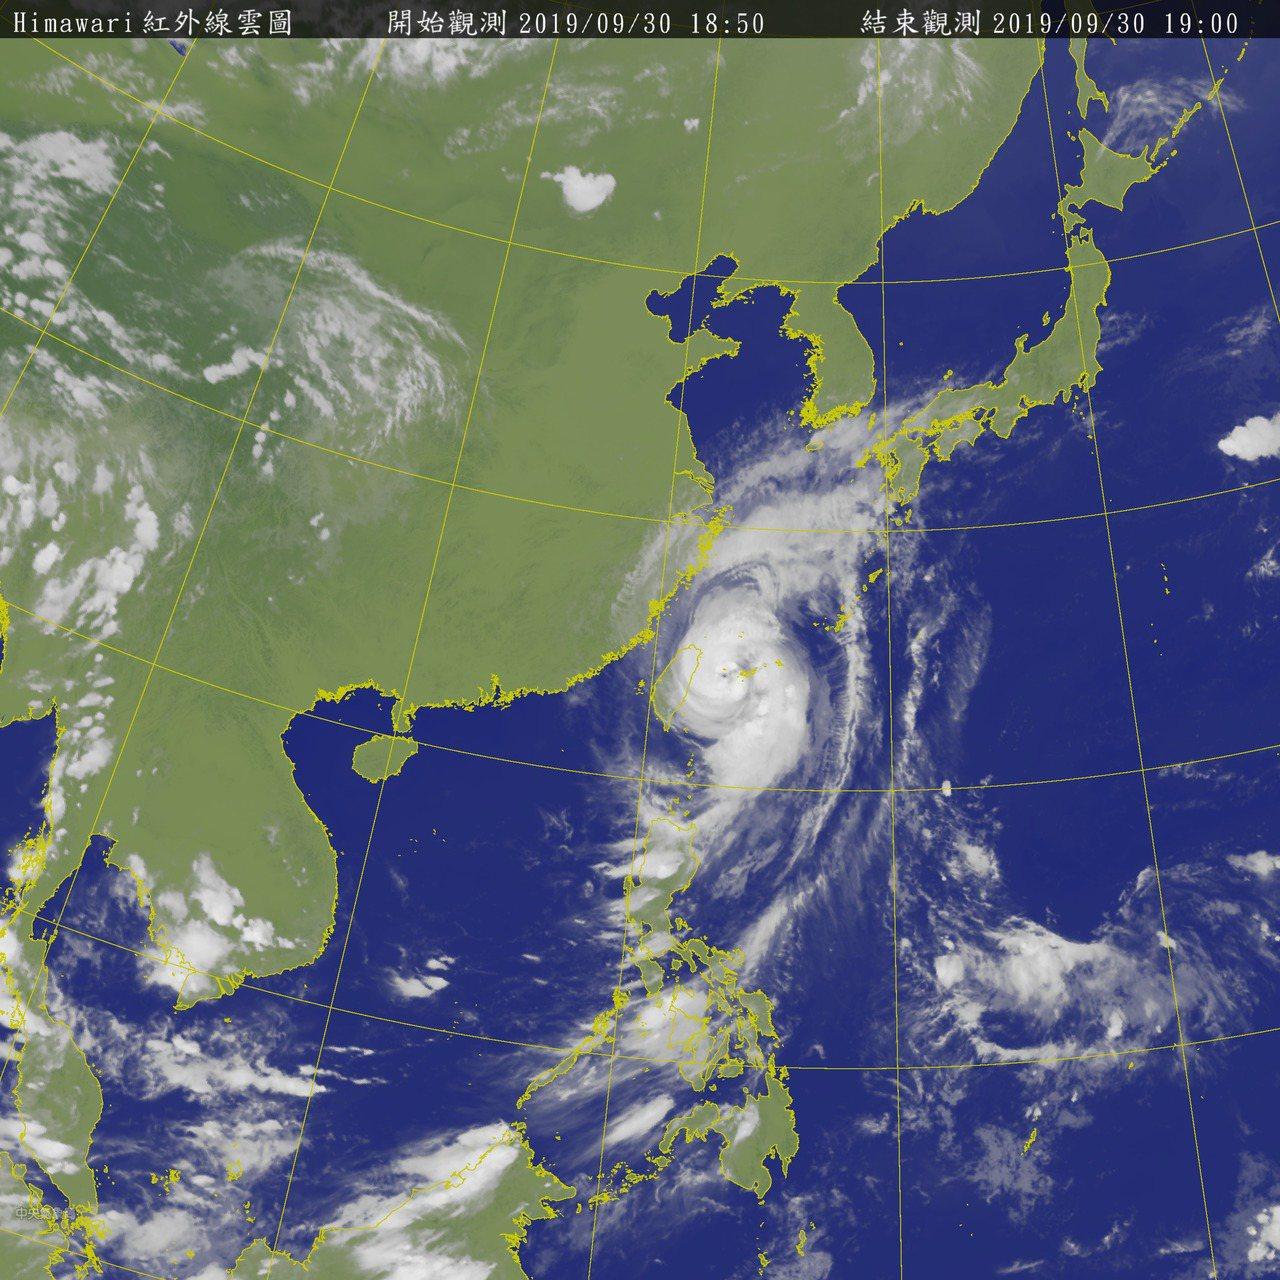 中颱米塔將為台灣帶來強風豪雨,北台灣晚間風雨已顯著增強。圖擷自中央氣象局